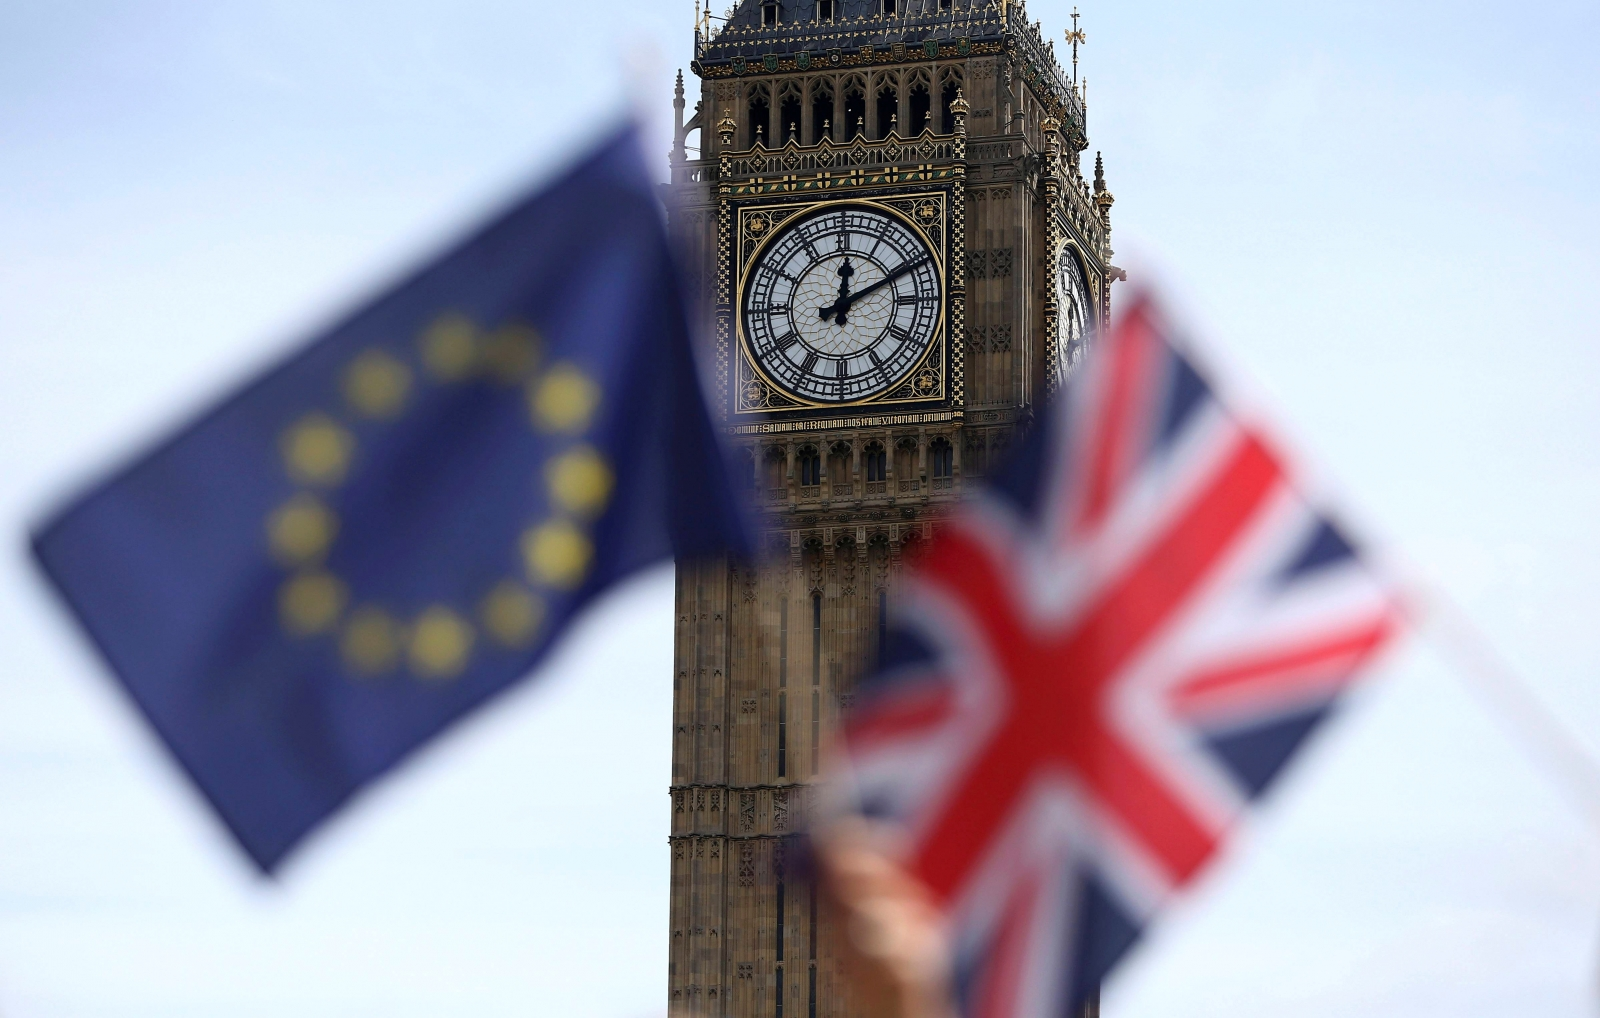 EU British Flag Parliament Square Big Ben